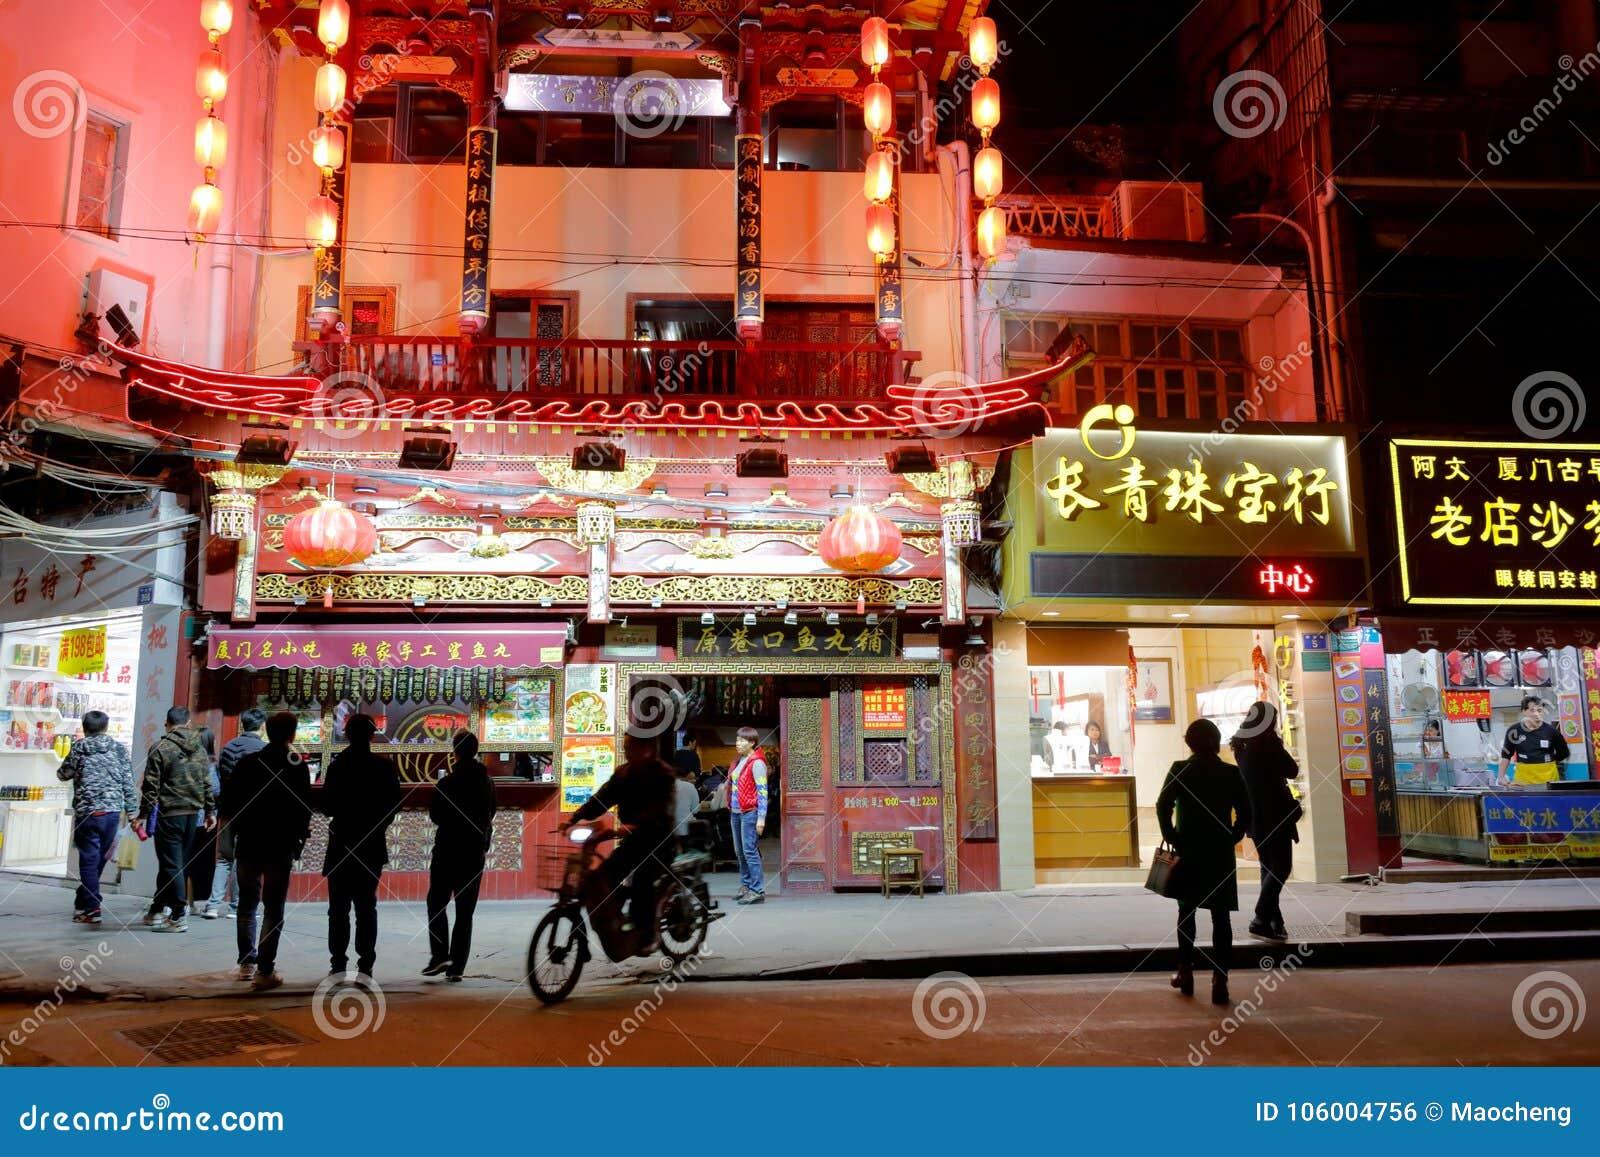 Yuanxiangkou fish balls shop by zhongshanlu road, srgb image